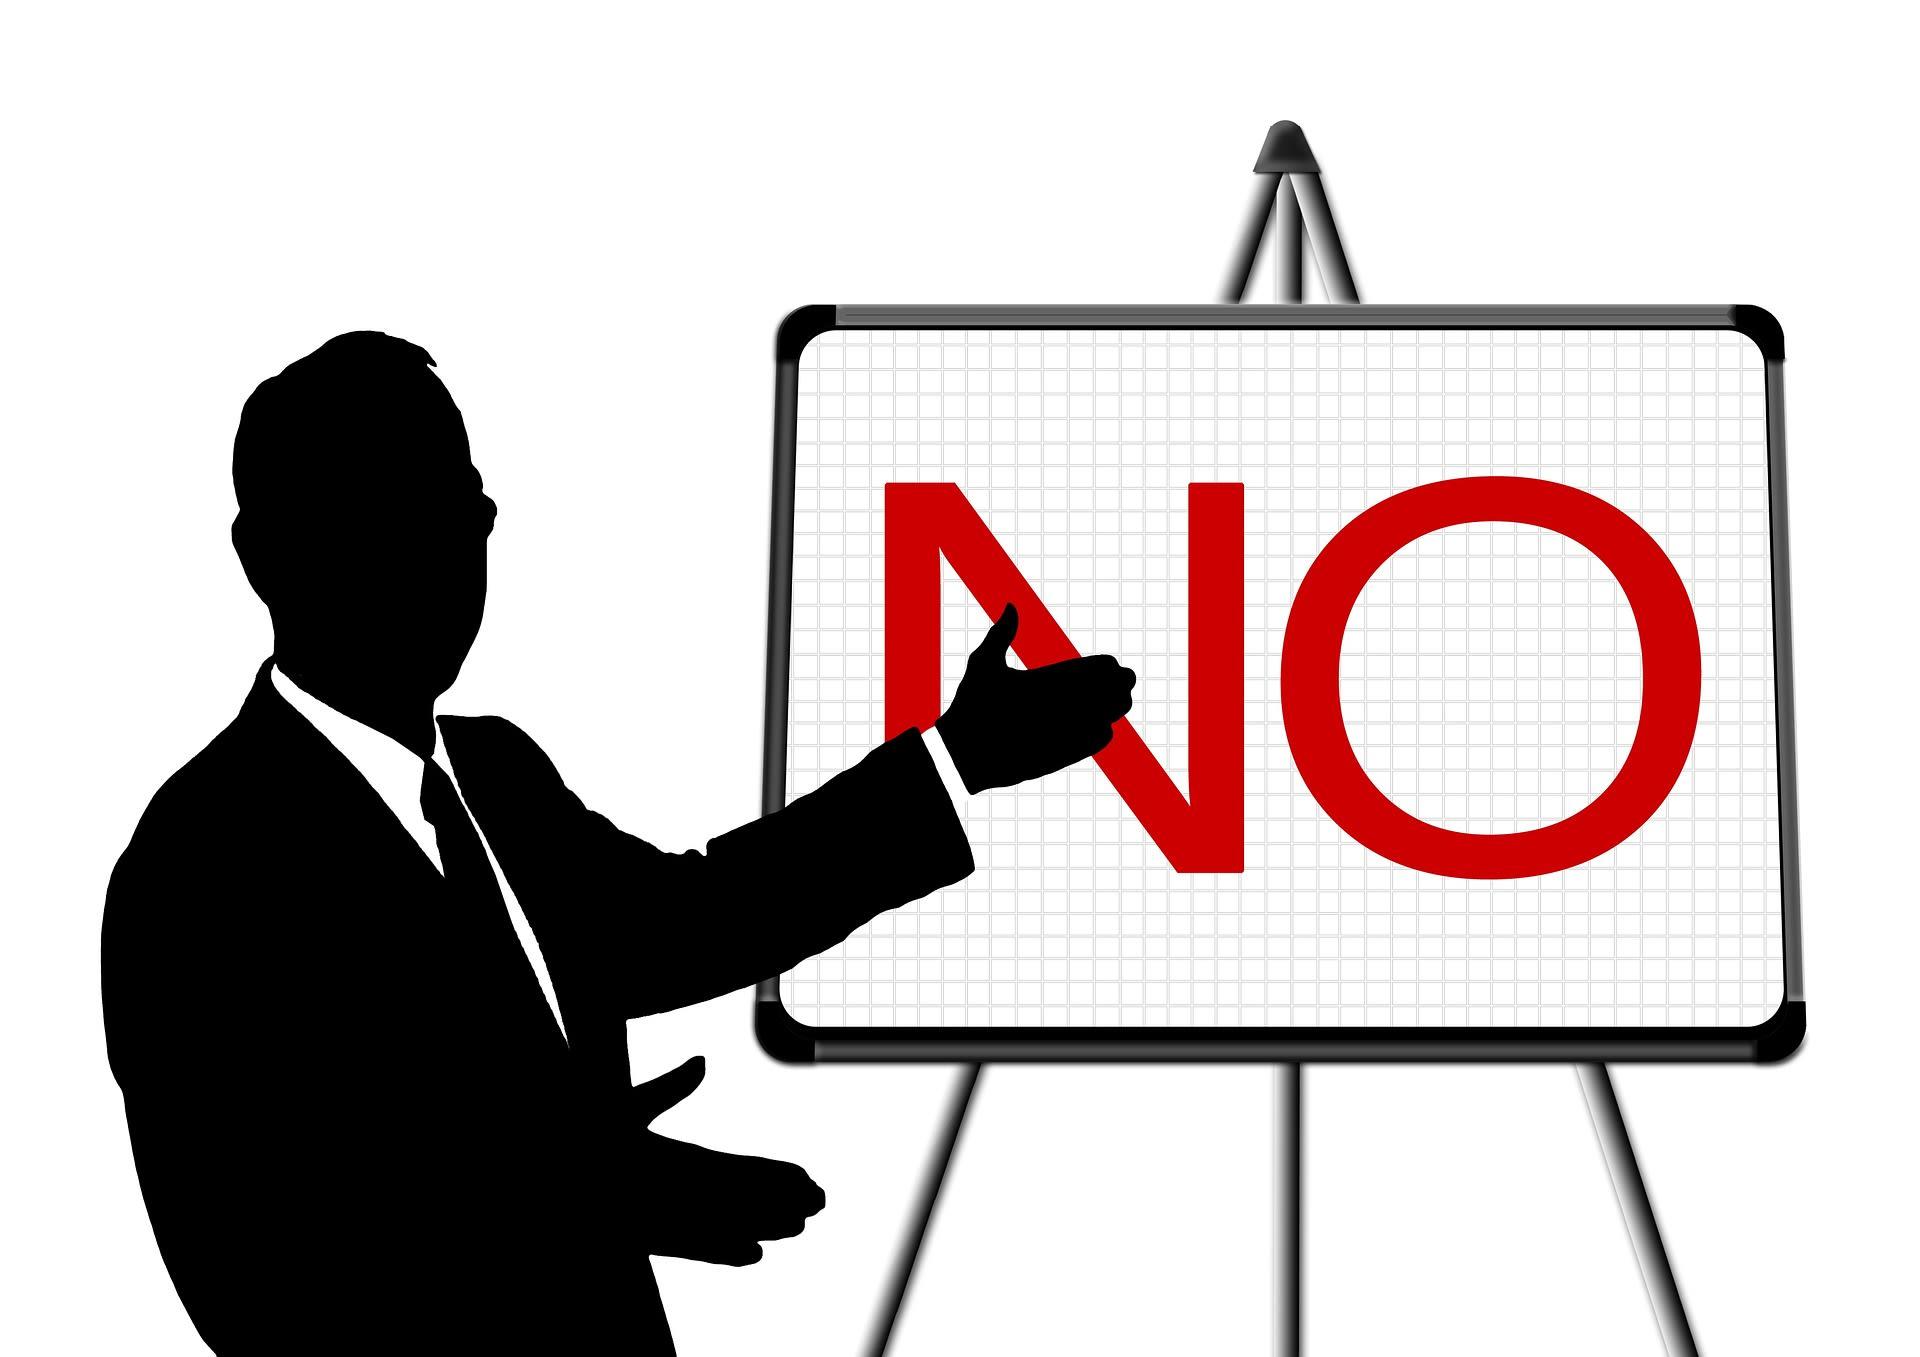 Comment annuler un achat immobilier?